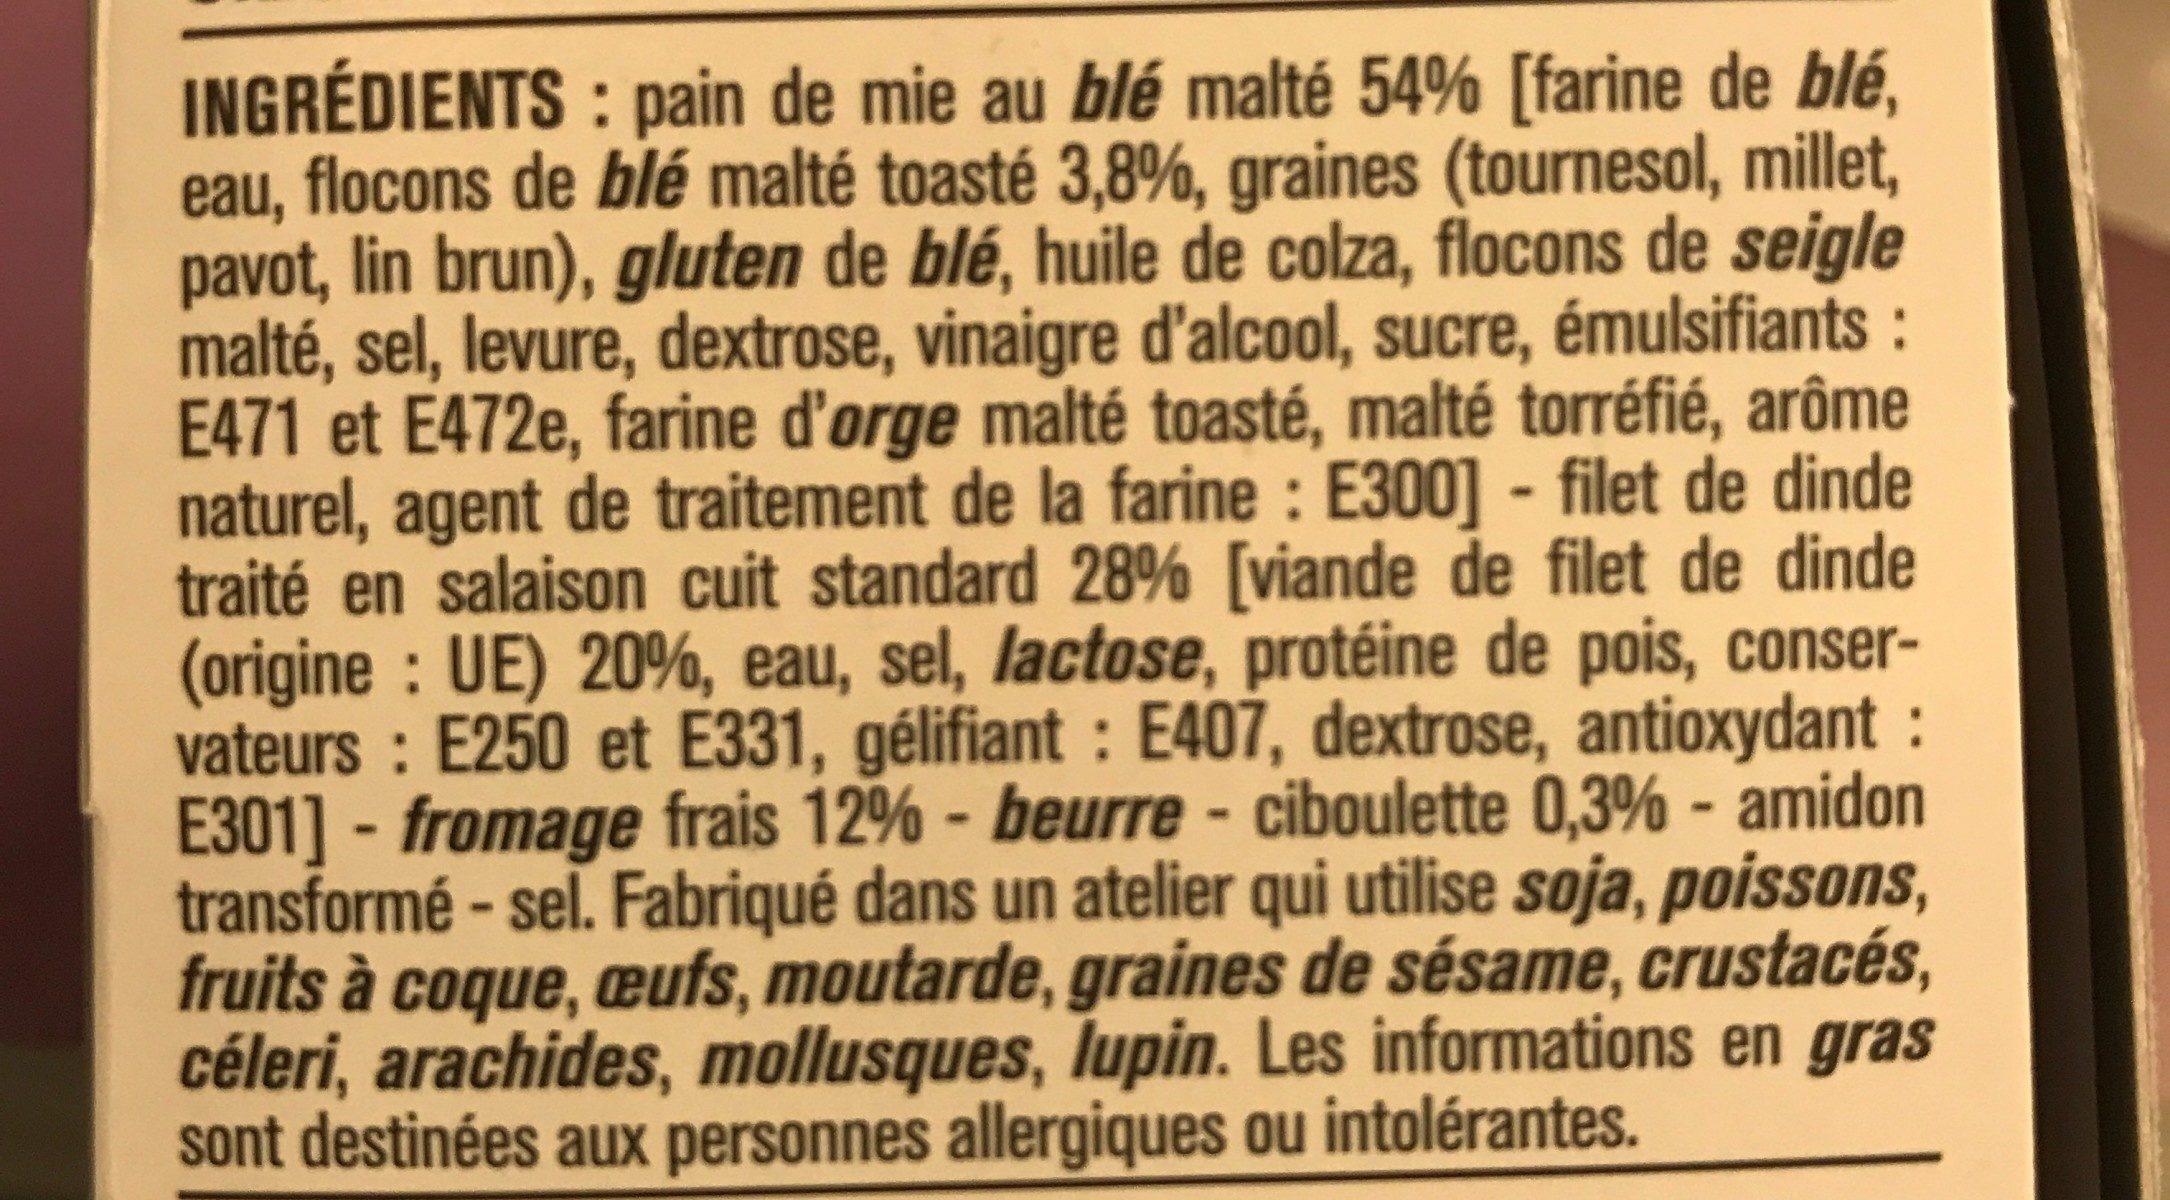 Dinde Fromage Frais Ciboulette - Ingrédients - fr